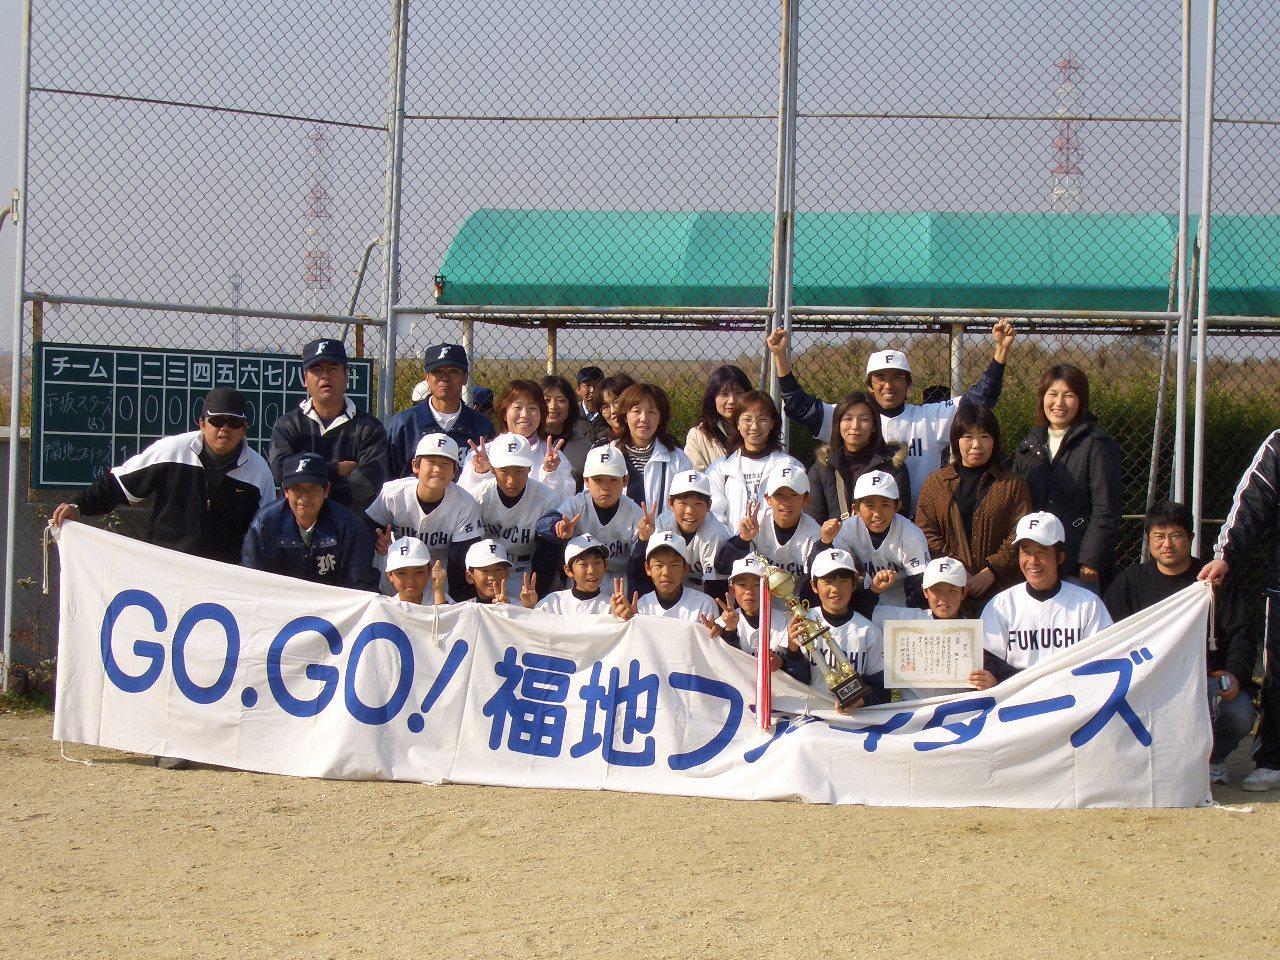 2005菅野杯決勝11月27日 034